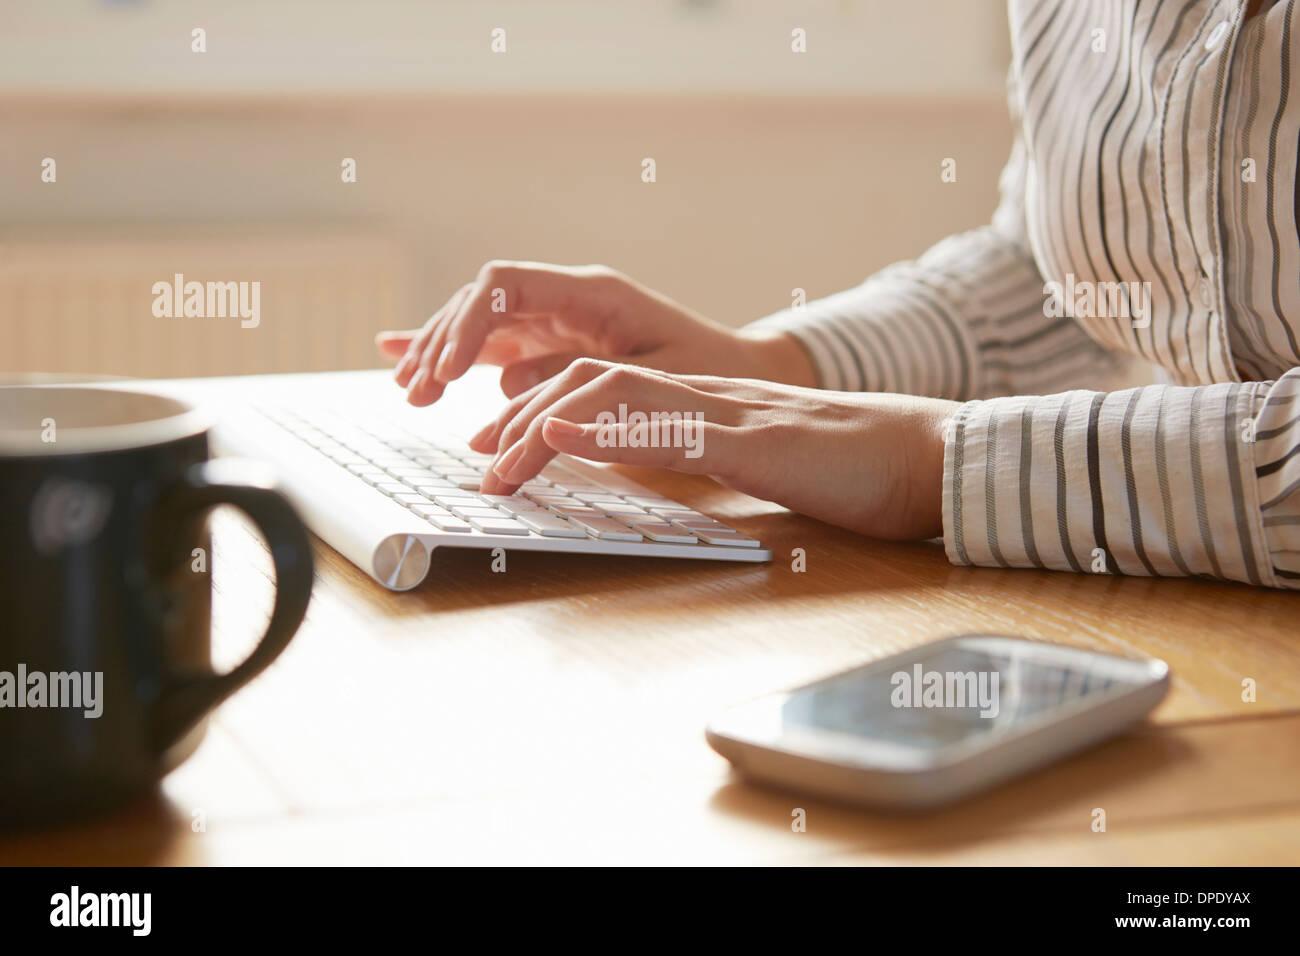 Immagine ritagliata della donna la digitazione sulla tastiera senza fili Immagini Stock